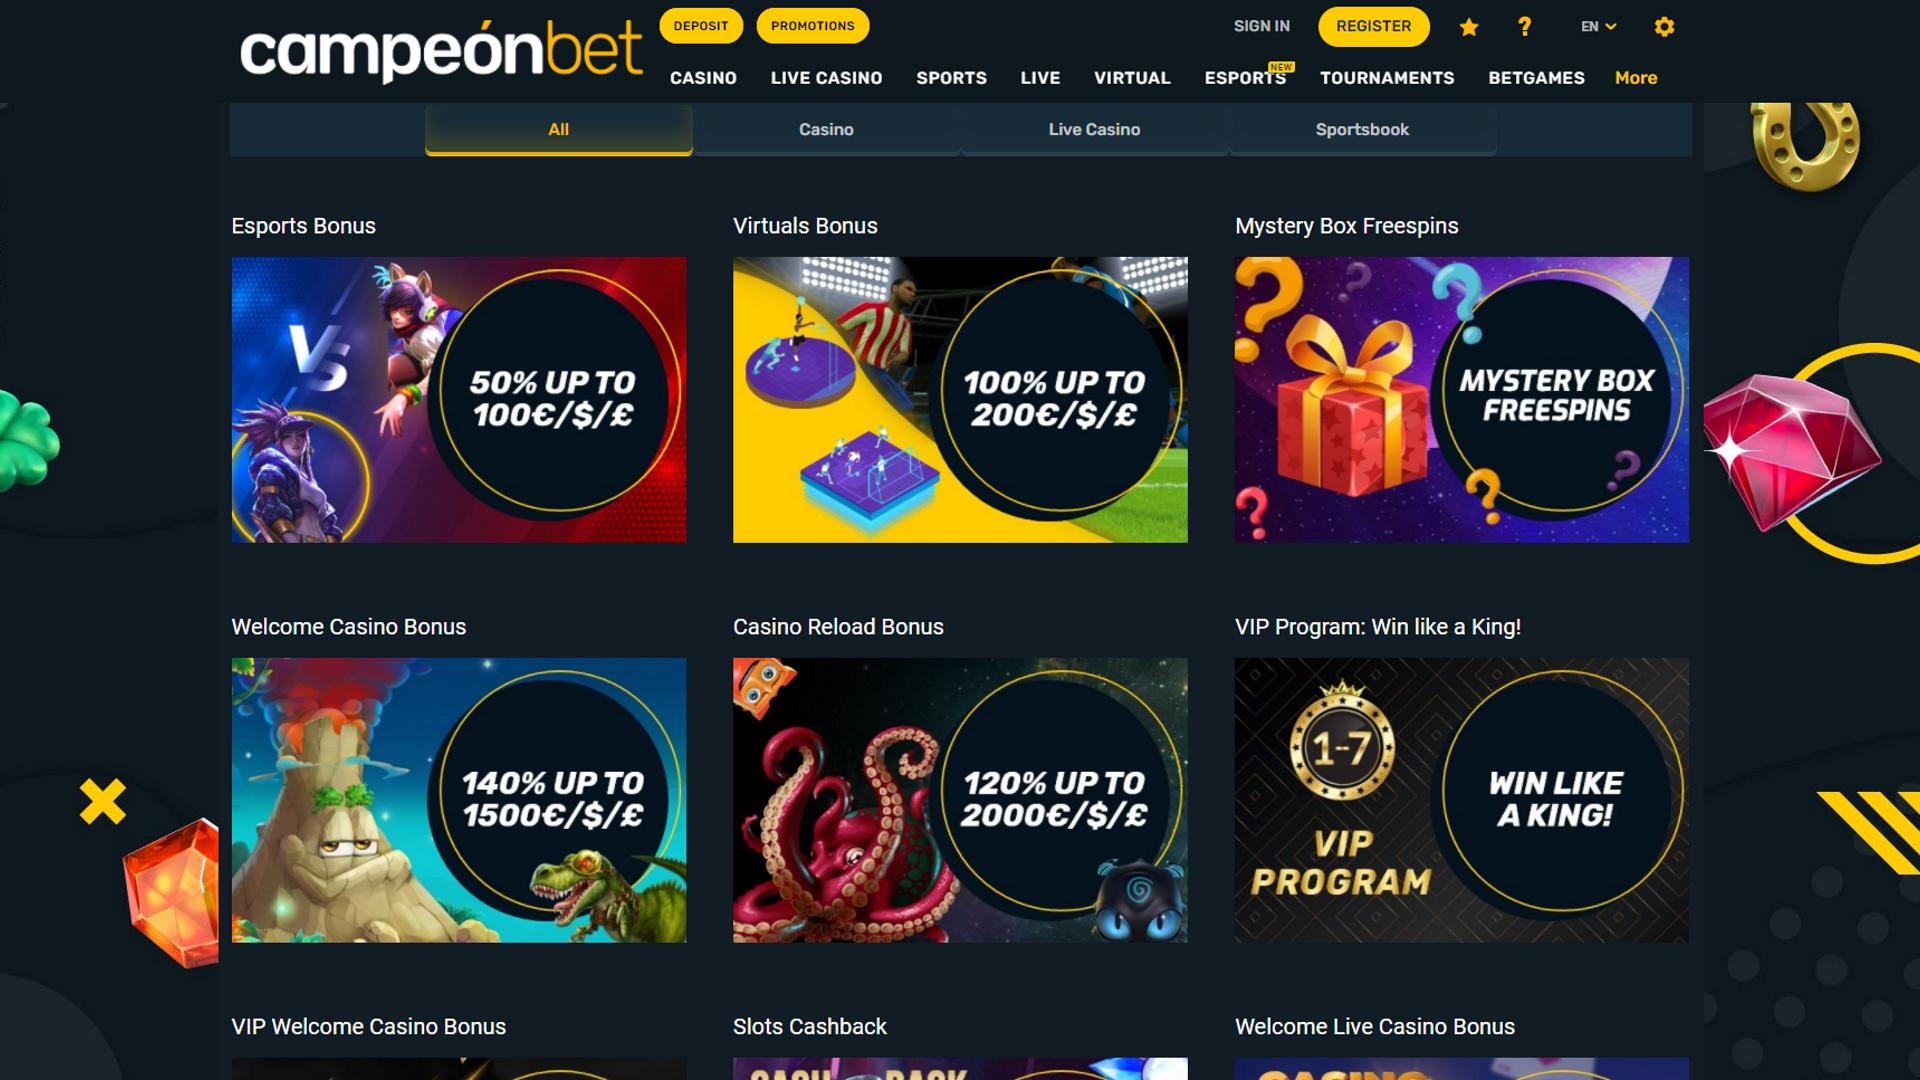 Campeonbet Casino Bonus Codes 2021